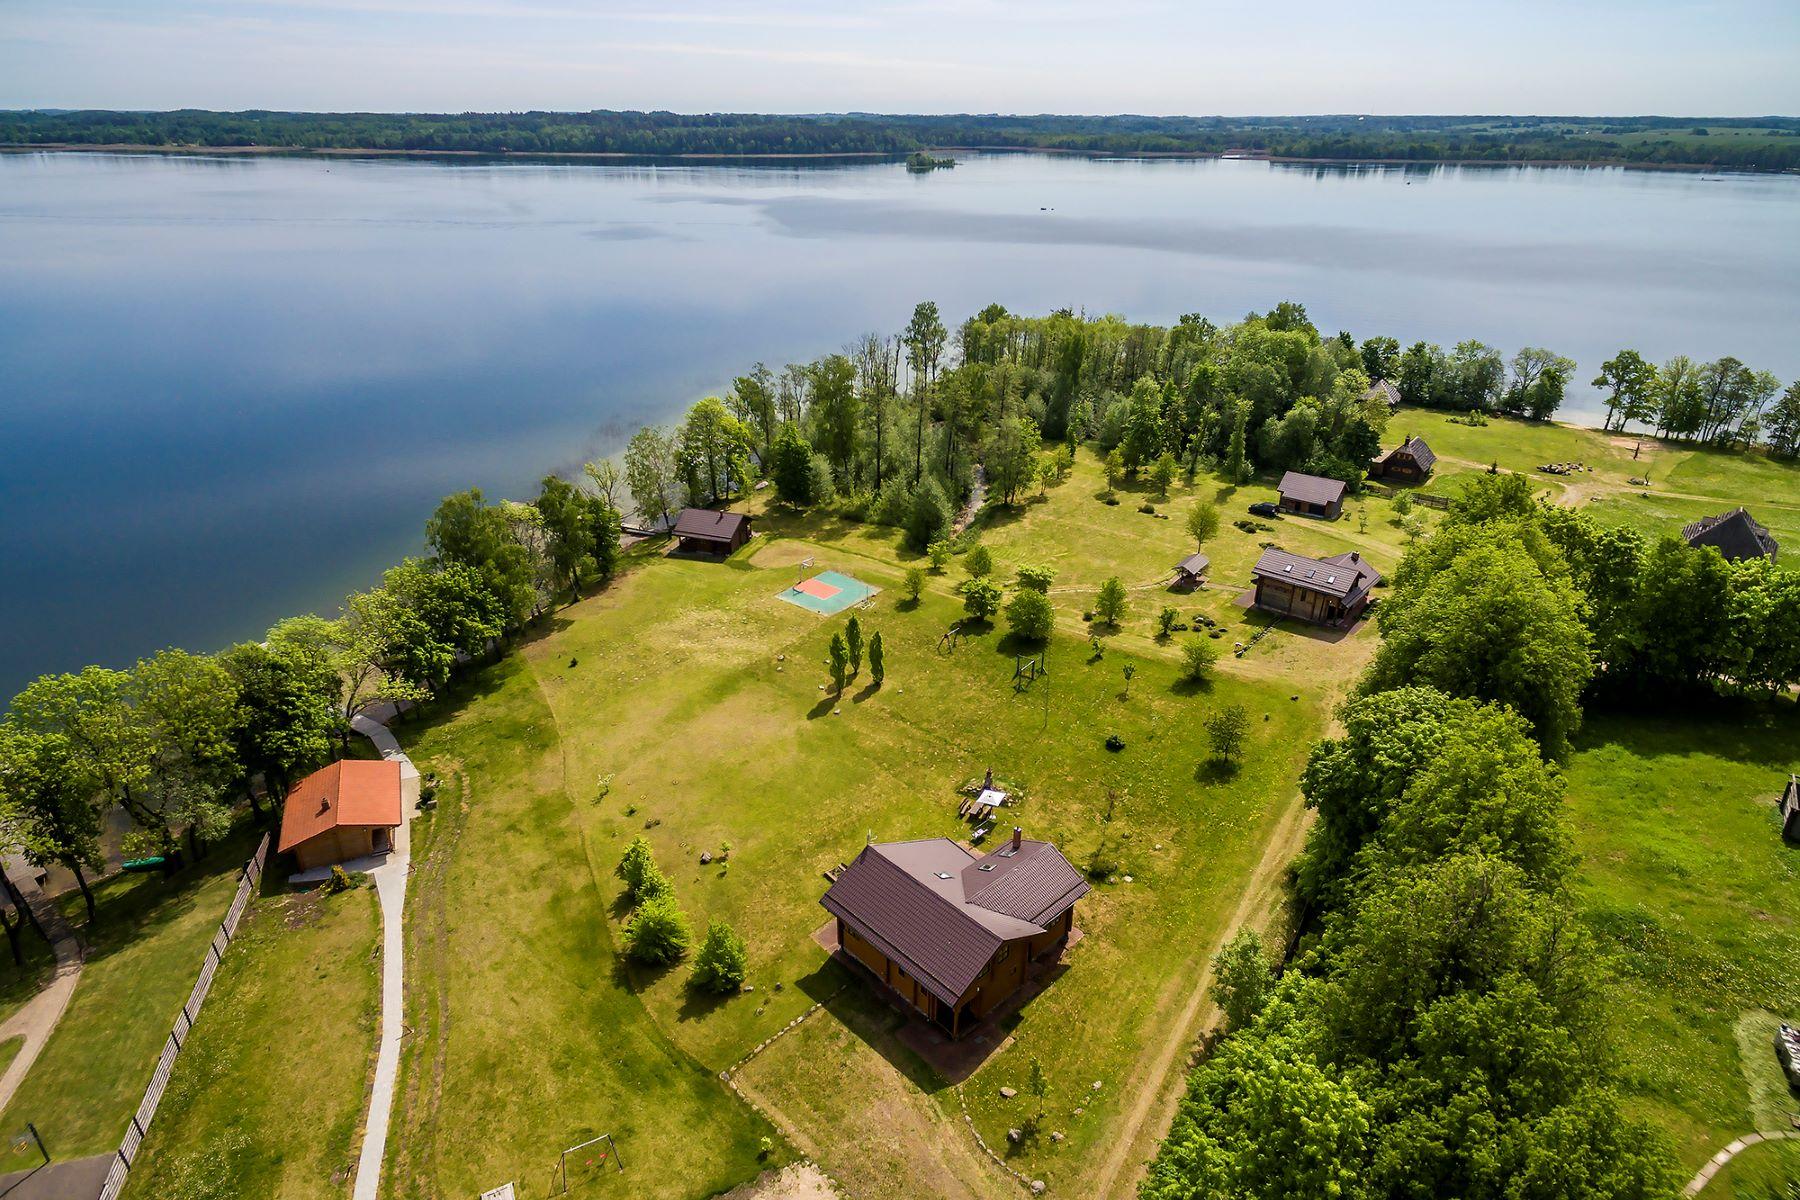 独户住宅 为 销售 在 Natural Retreat Beside Alausas Lake 立陶宛其他城市, 立陶宛城市, 立陶宛